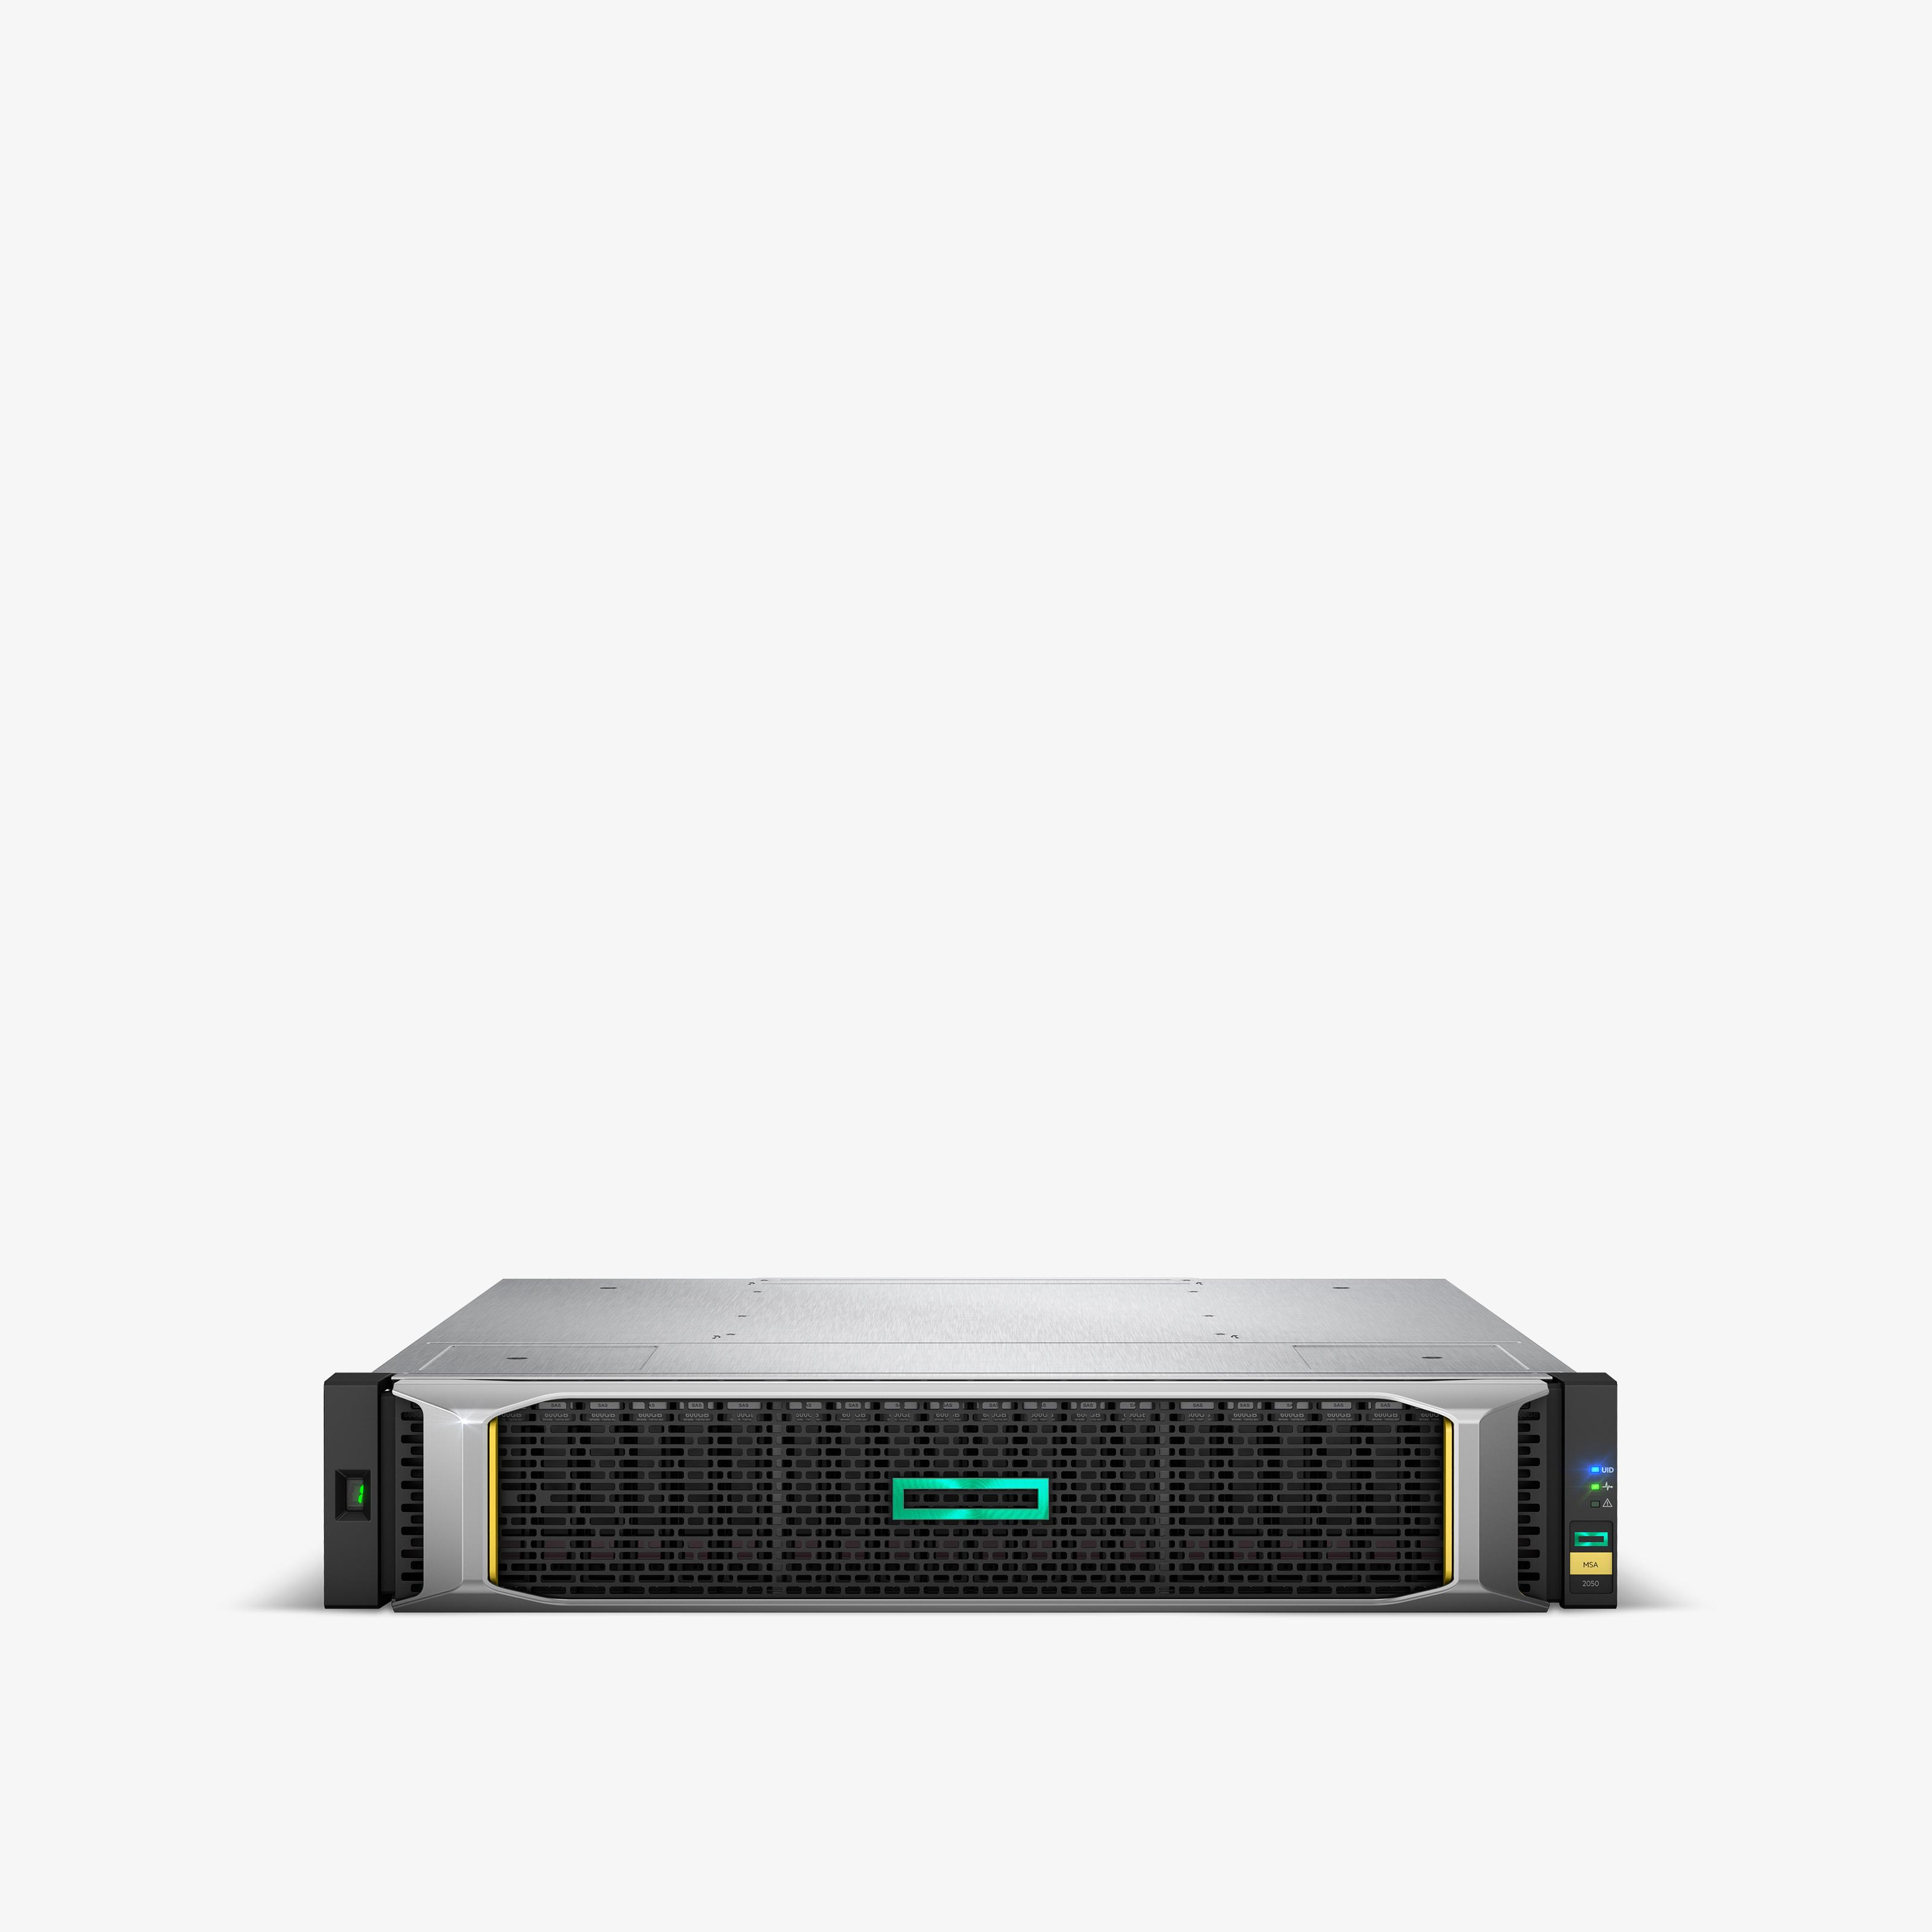 HPE MSA 2050 Speicher-Array auf Einstiegsniveau